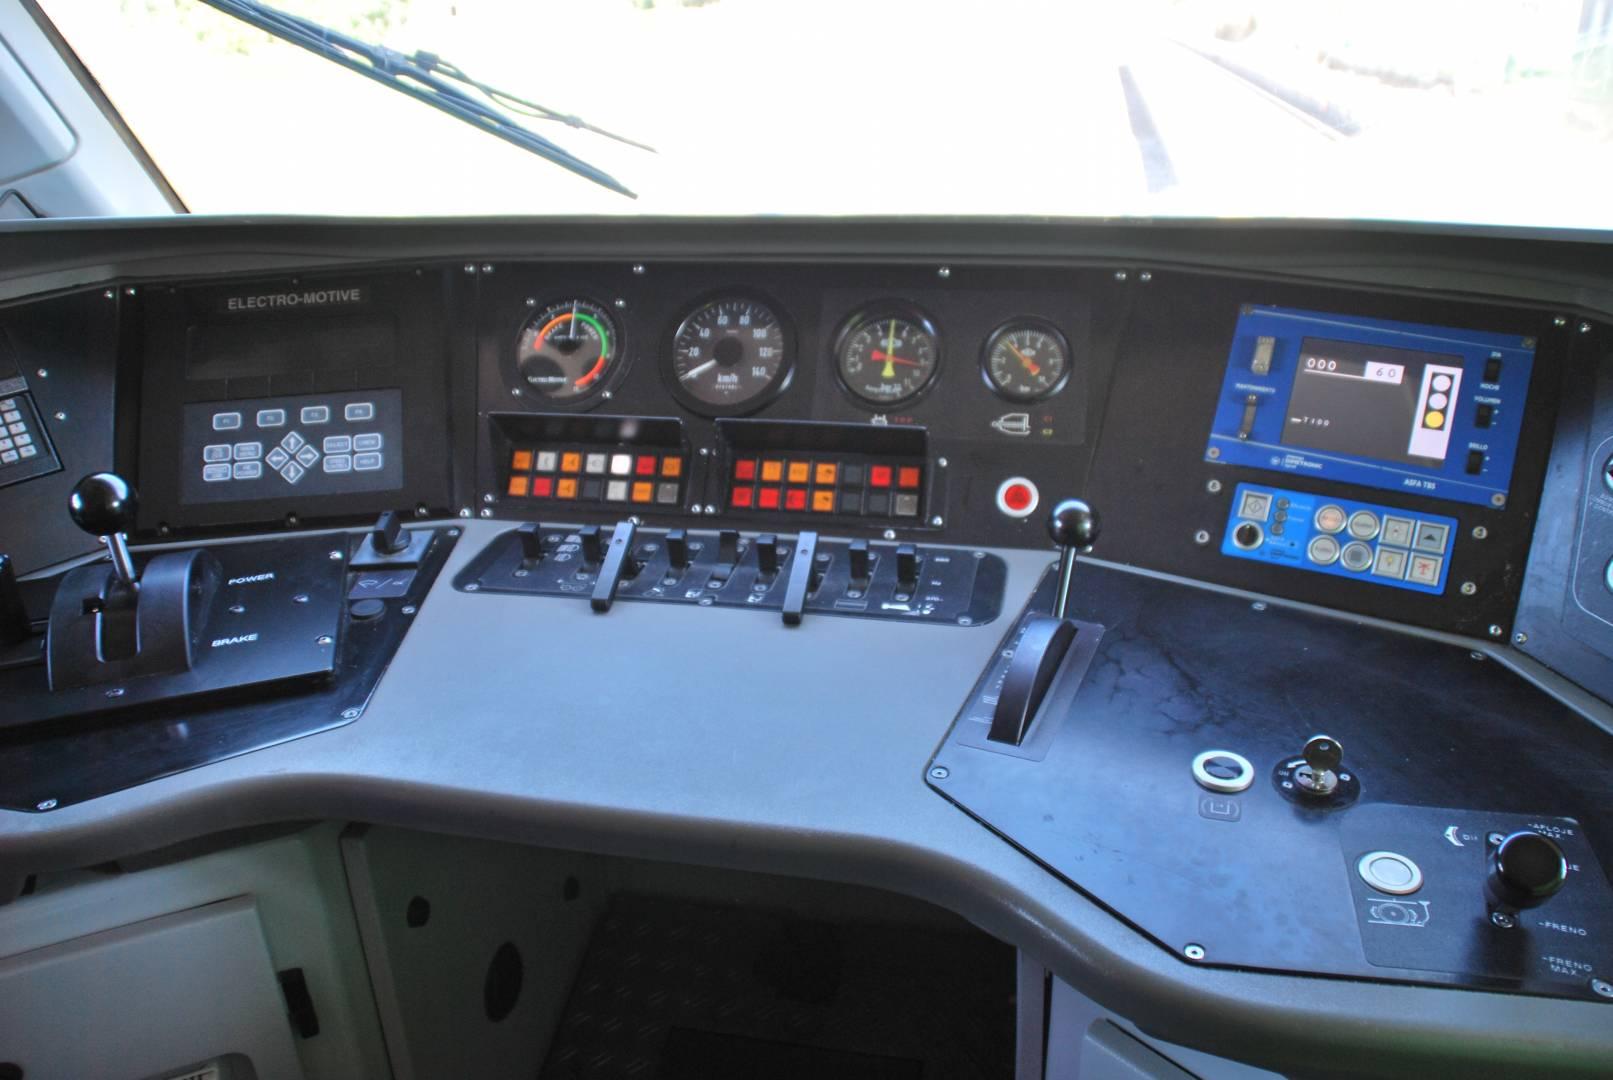 Pupitre central de una locomotora de la serie 335, con sus correspondientes mandos.